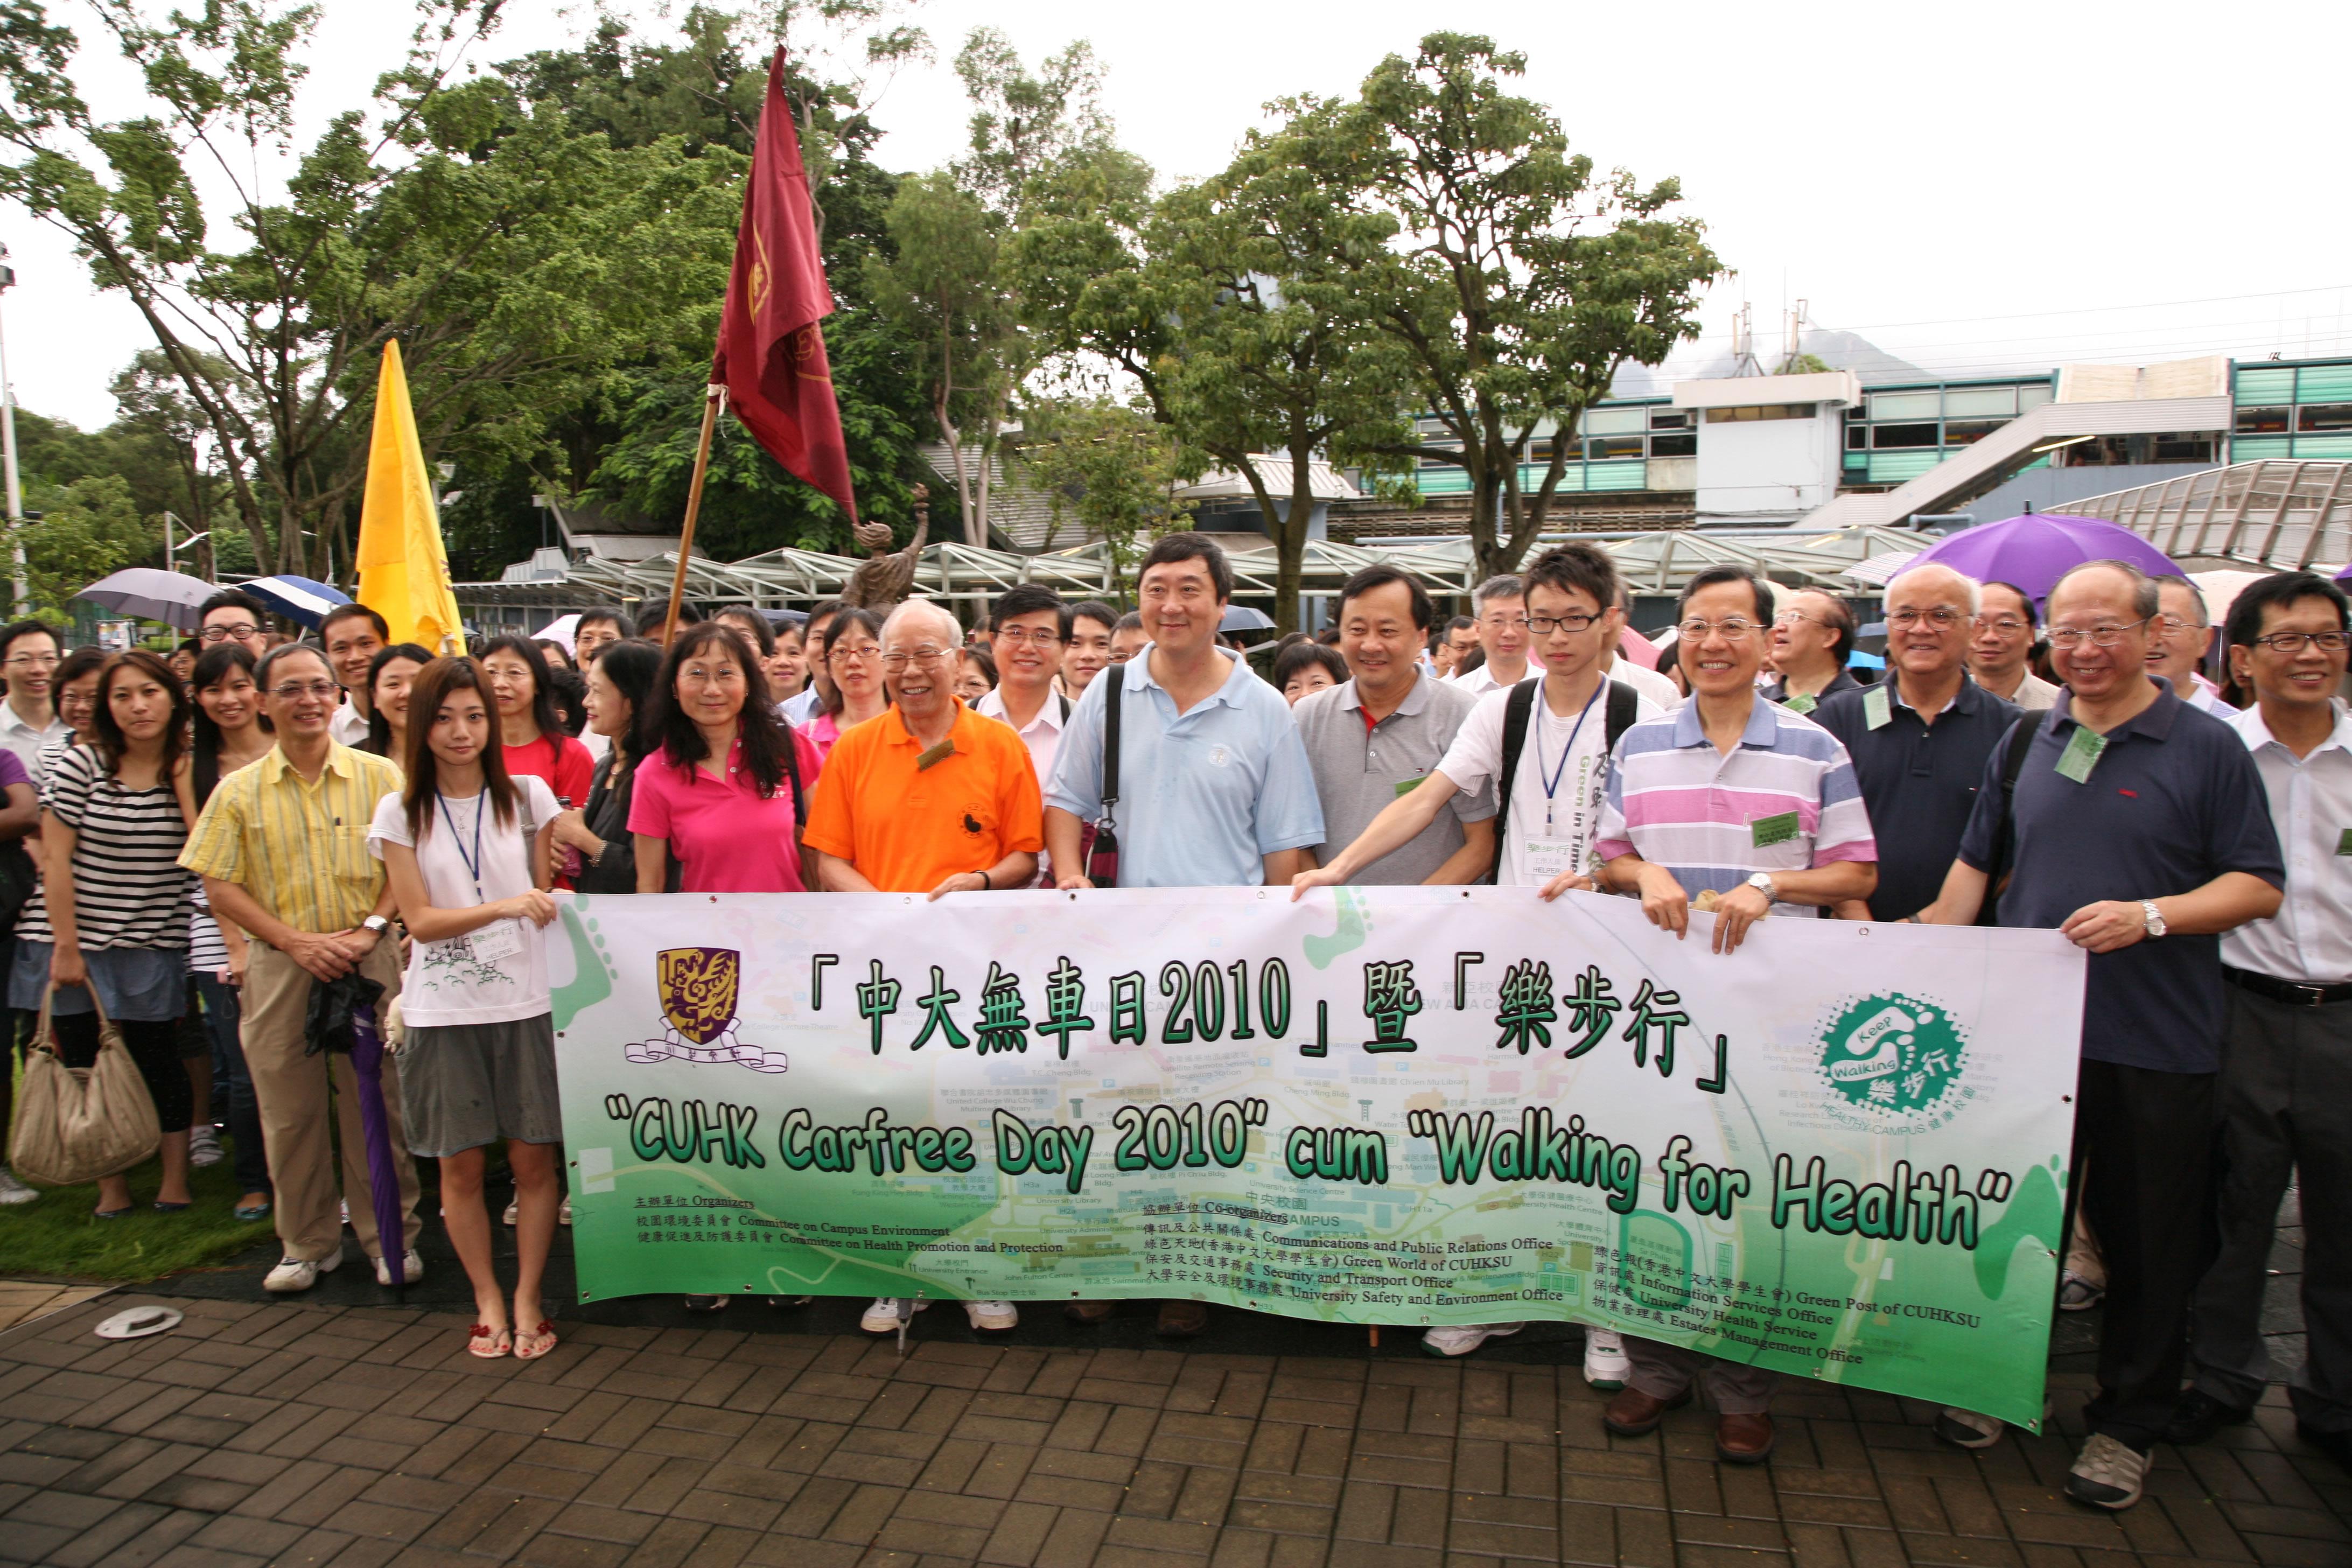 中大举行乐步行活动,吸引四百多名学生及教职员参加